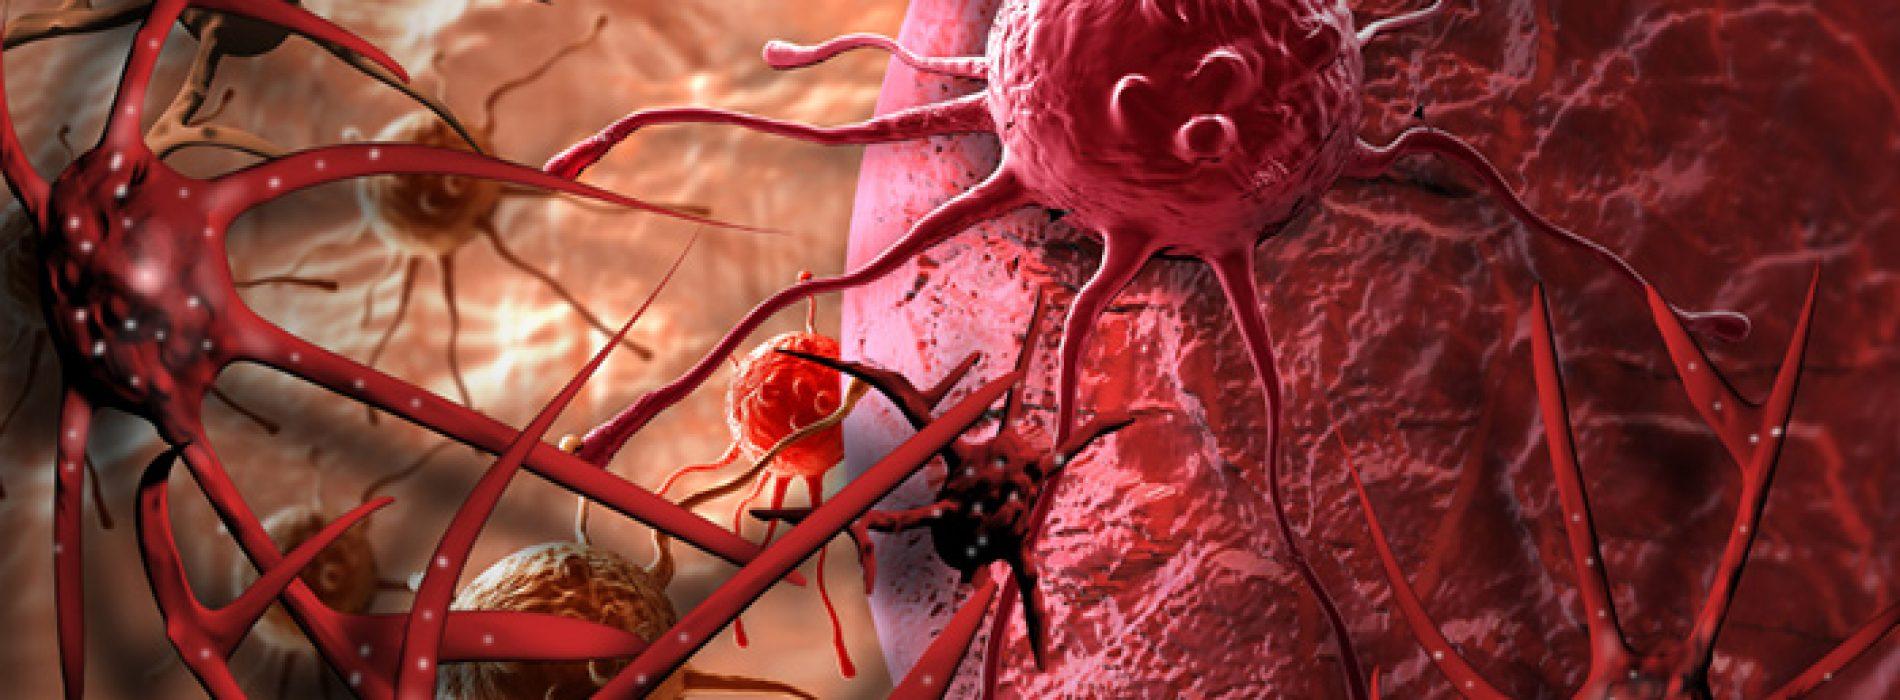 Chemotherapie verspreidt kanker. Health Ranger ontmaskert in deze video de corrupte kankerindustrie